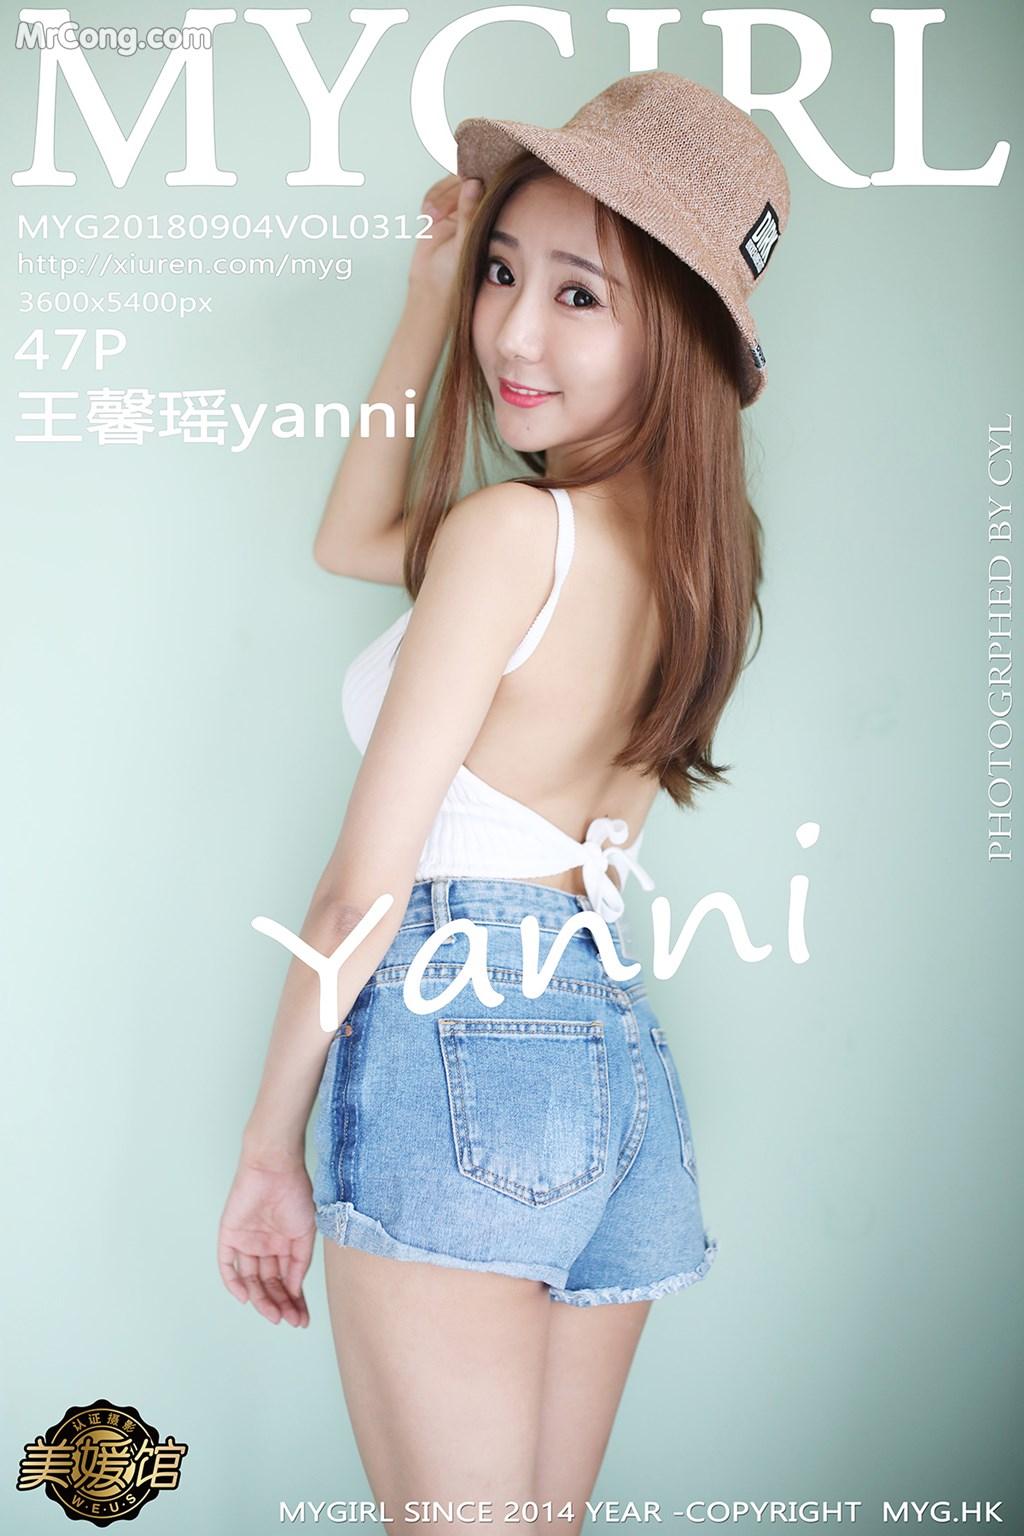 MyGirl Vol.312: Người mẫu Yanni (王馨瑶) (48 ảnh)